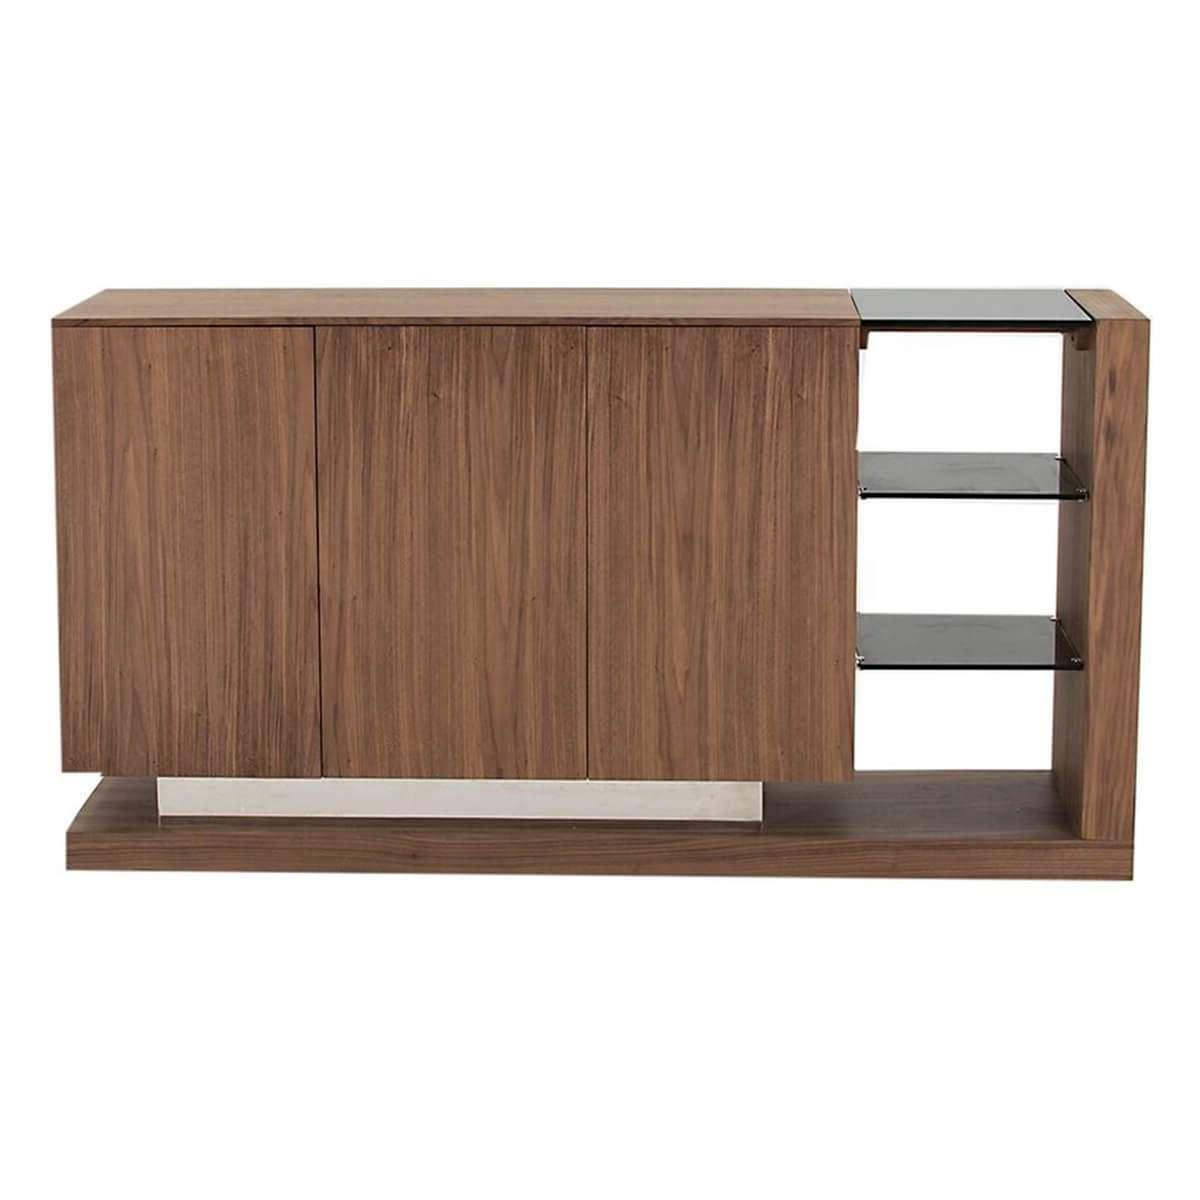 Almara Steel & Walnut Sideboard   Modern Sideboards   Fads Within Walnut Sideboards (View 14 of 20)